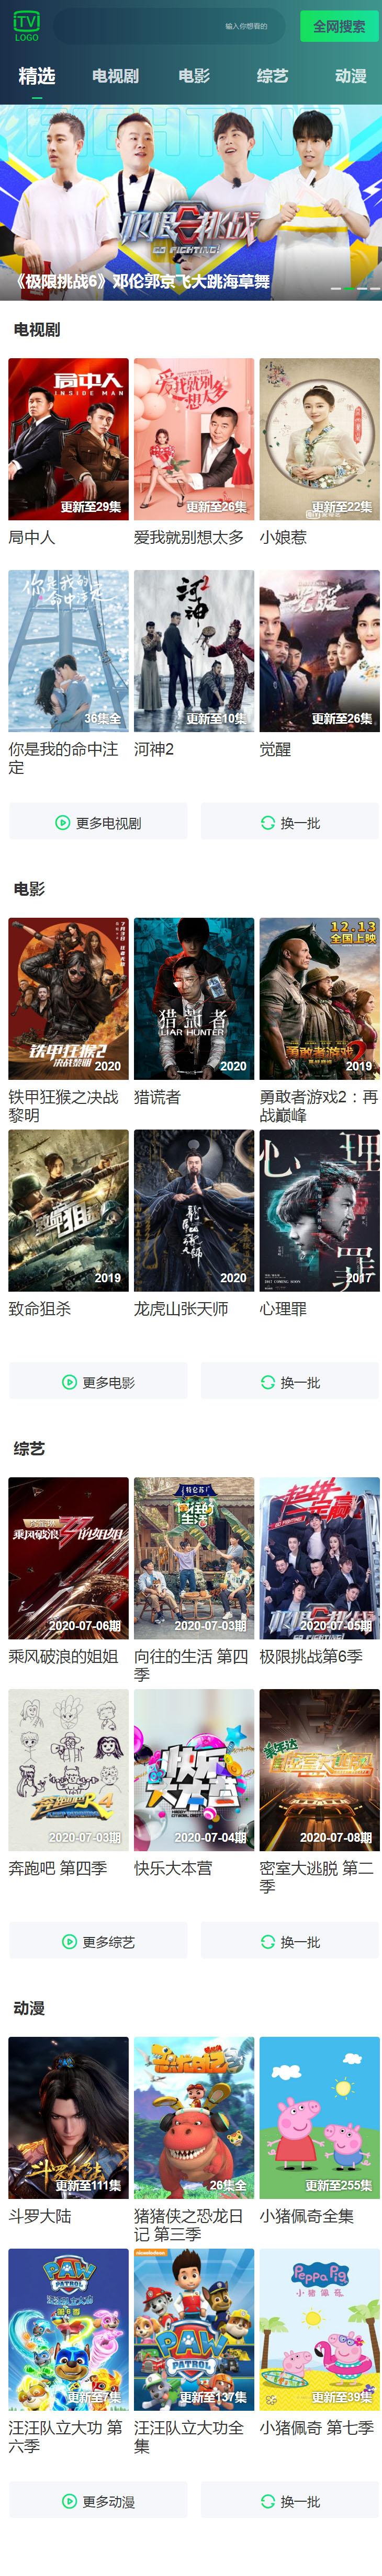 仿爱奇艺H5电影站影视源码程序 开源免费 v1.7